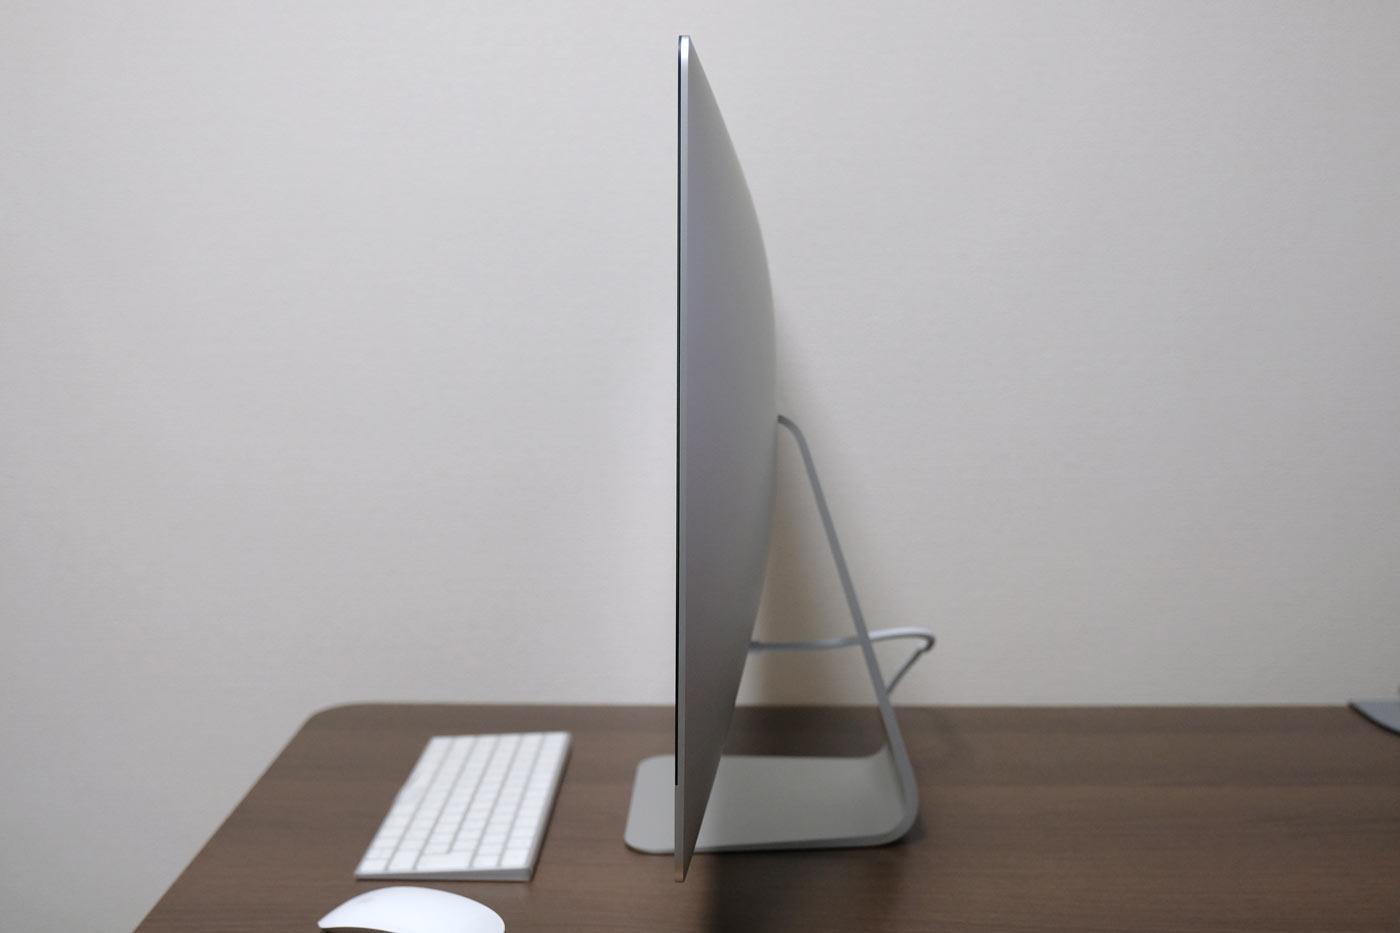 27インチiMac 5K 横から見たスタイル